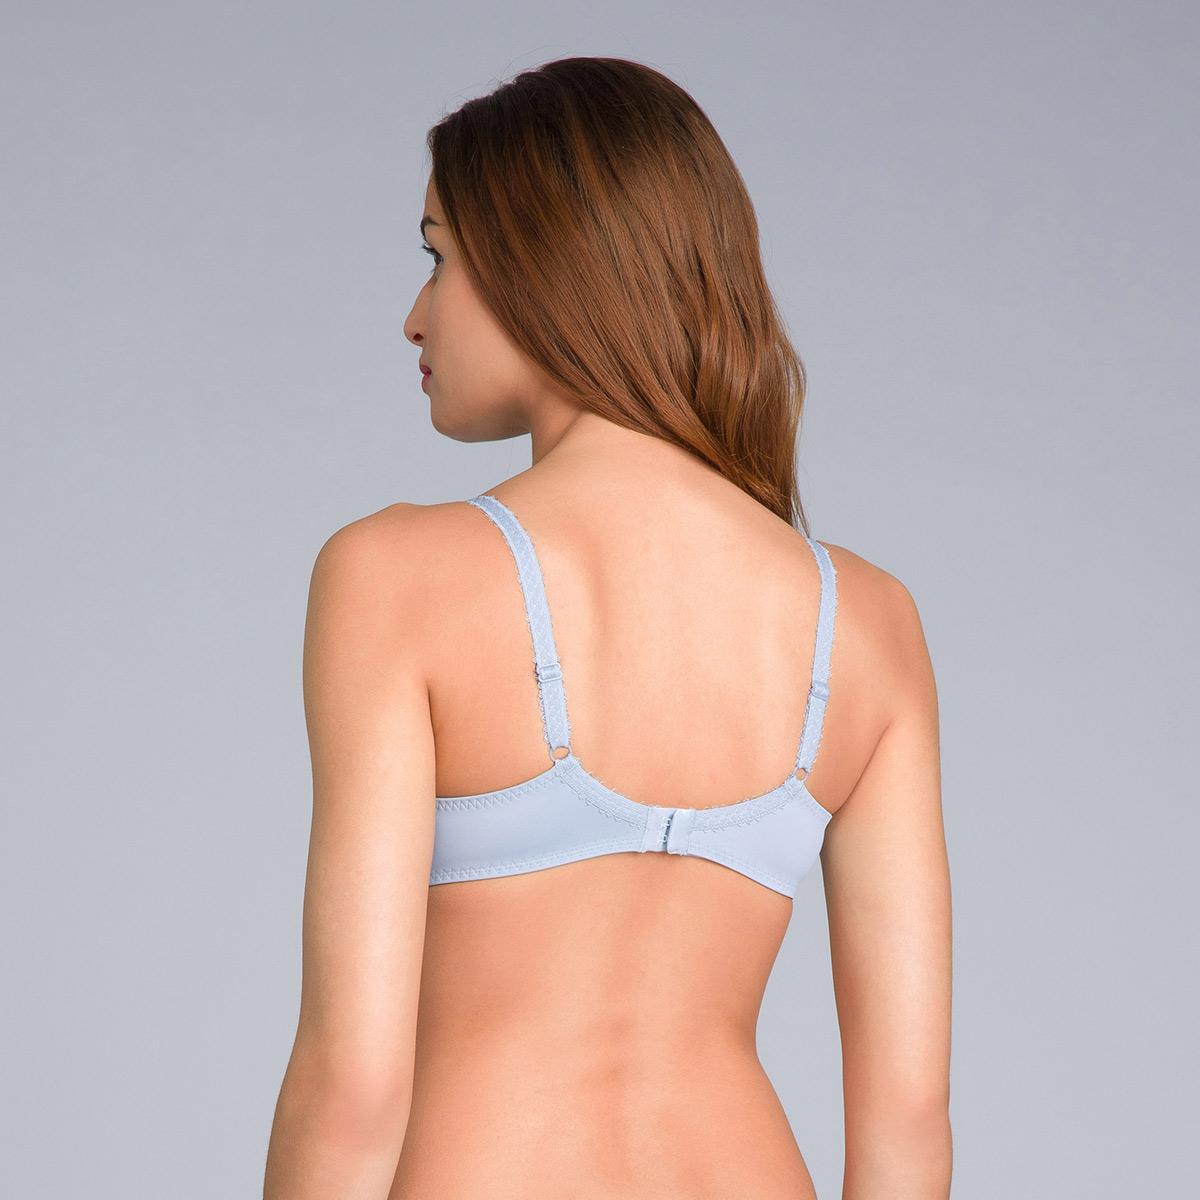 Soutien-gorge emboîtant gris bleuté imprimé - Flower Elegance Micro, , PLAYTEX